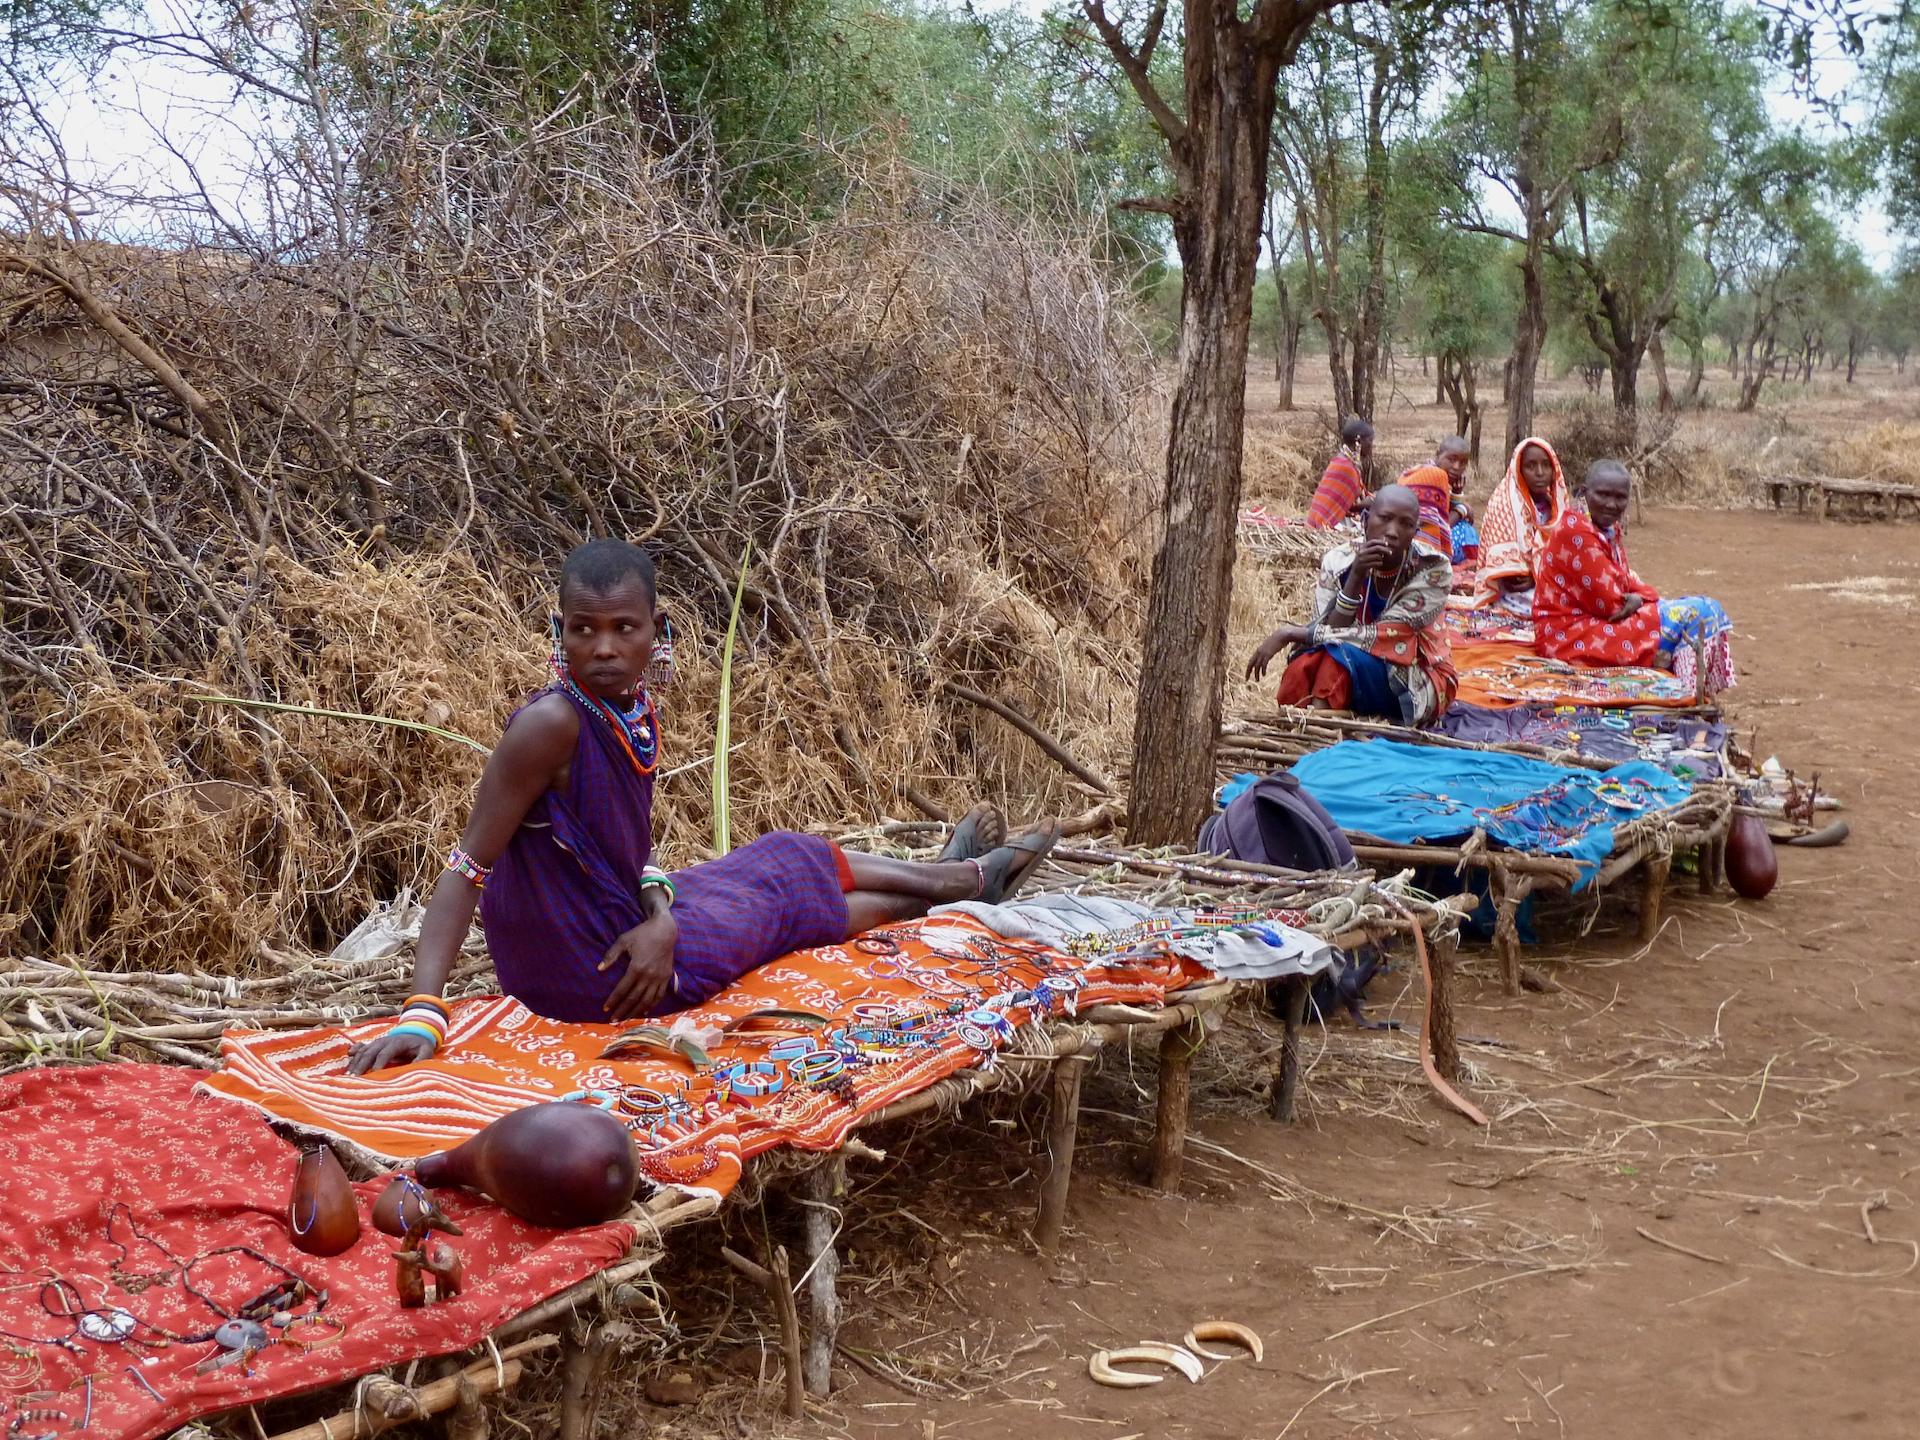 Safari w Kenii: Amboseli, stragany dla turystów w wiosce masajskiej